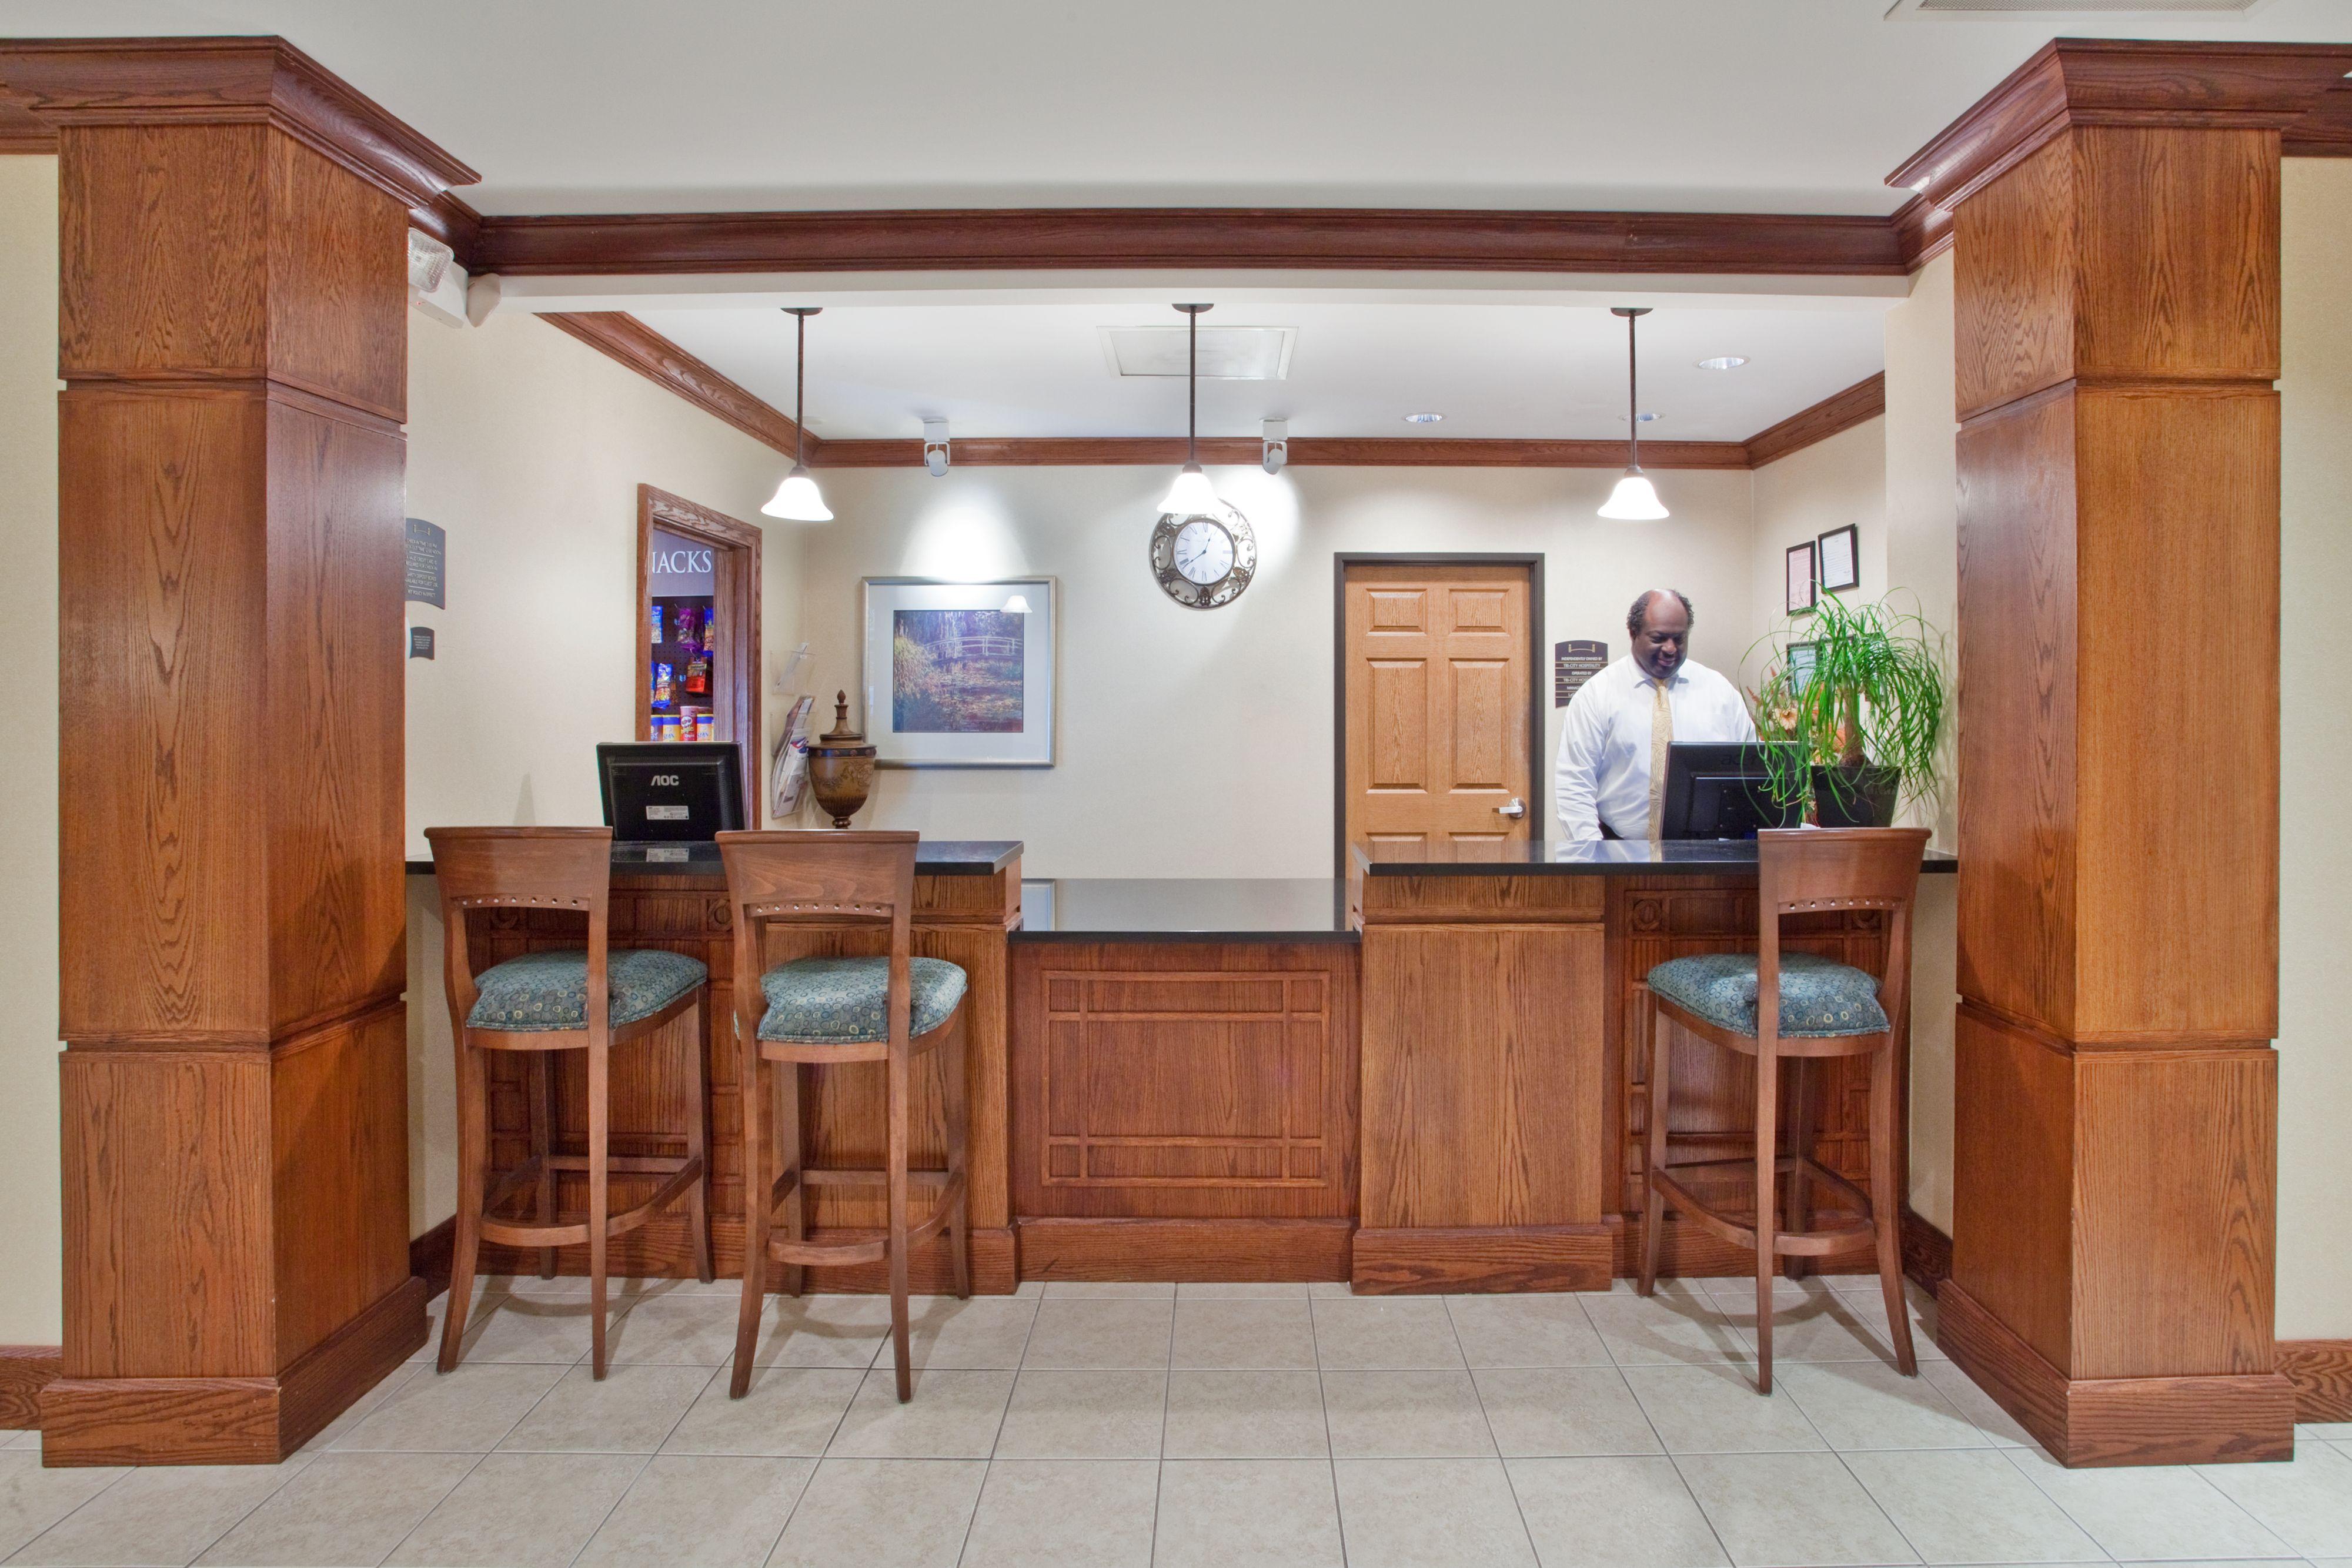 Staybridge Suites Columbus - Fort Benning image 3